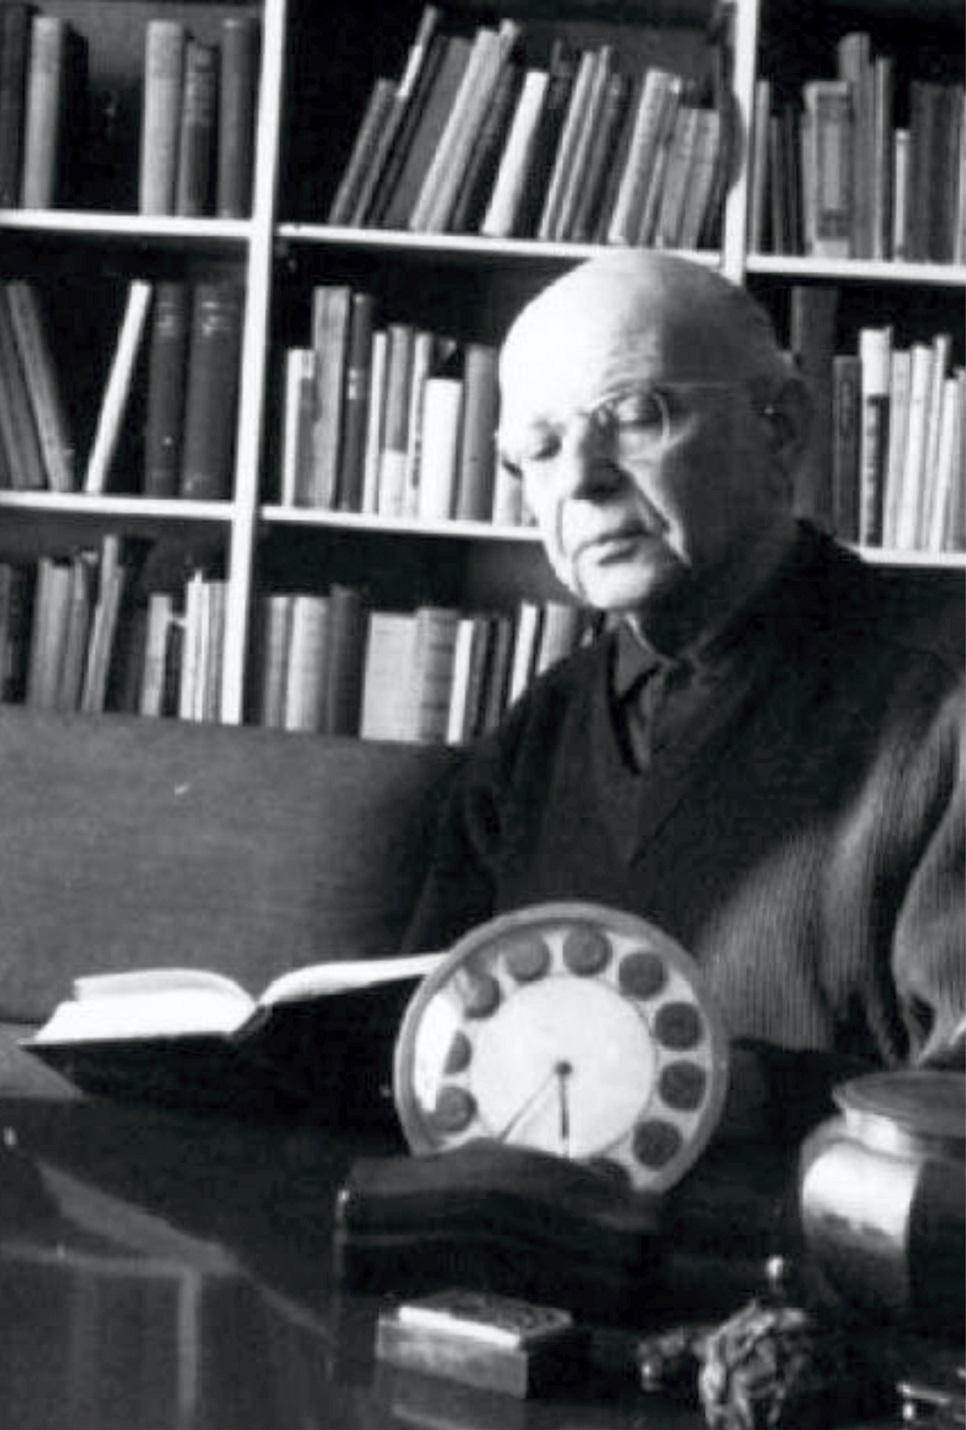 Erns Bernhard